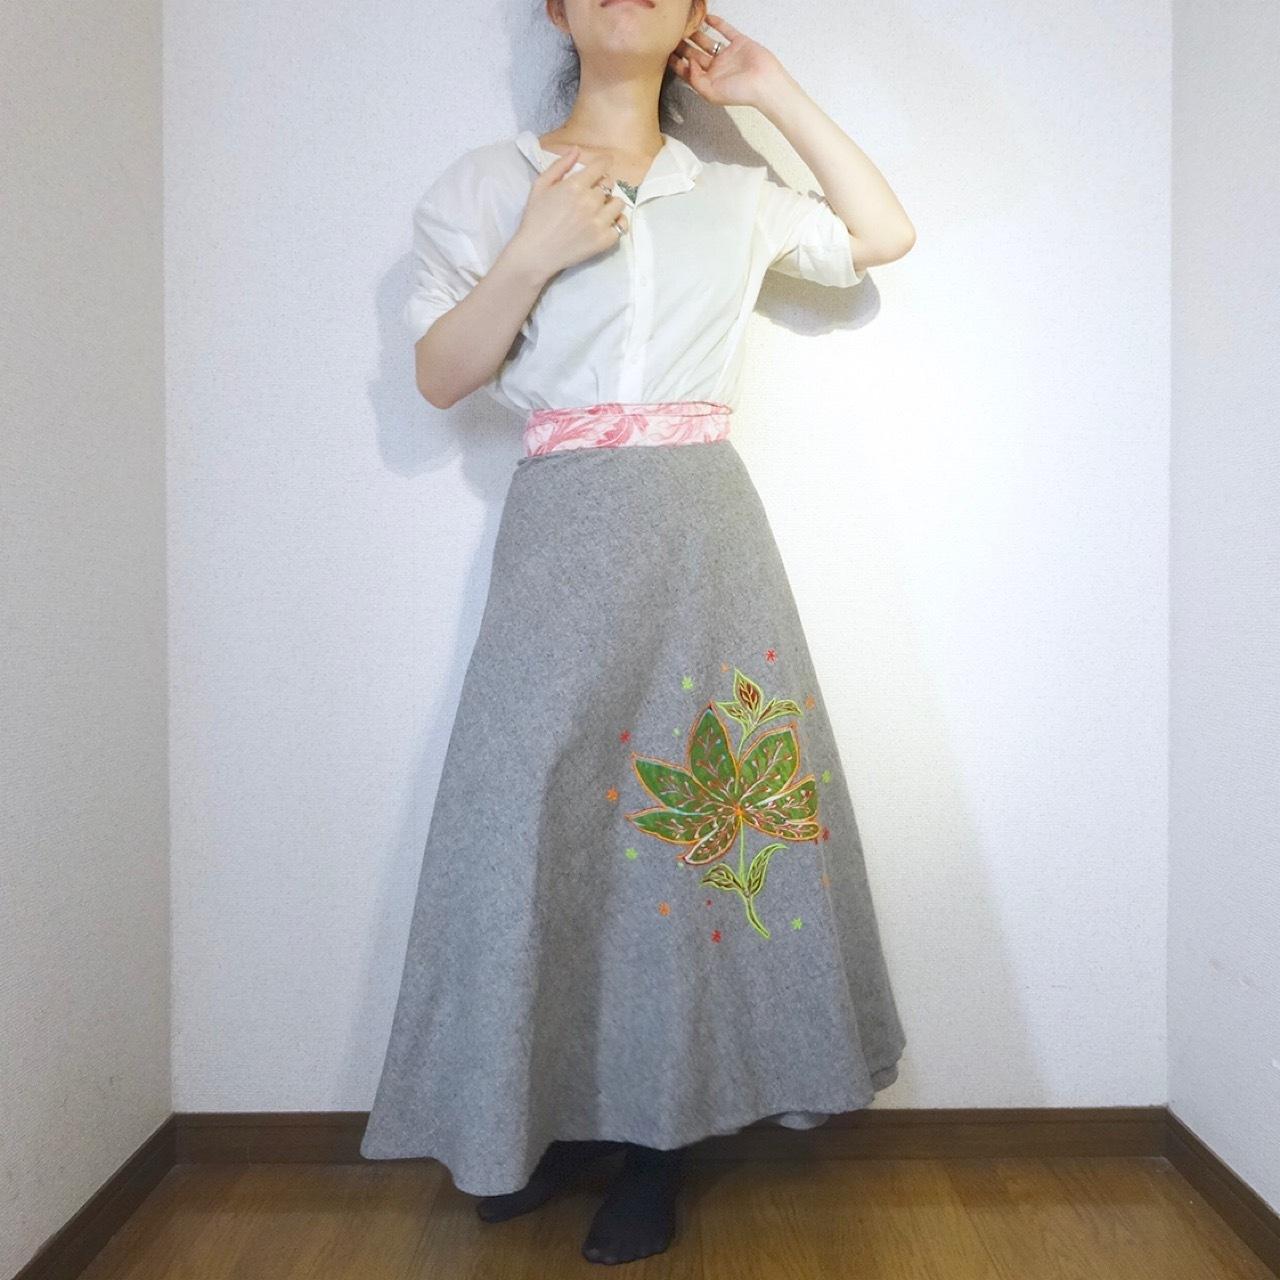 ebwg-002 刺繍コットン・サリー 巻きスカート